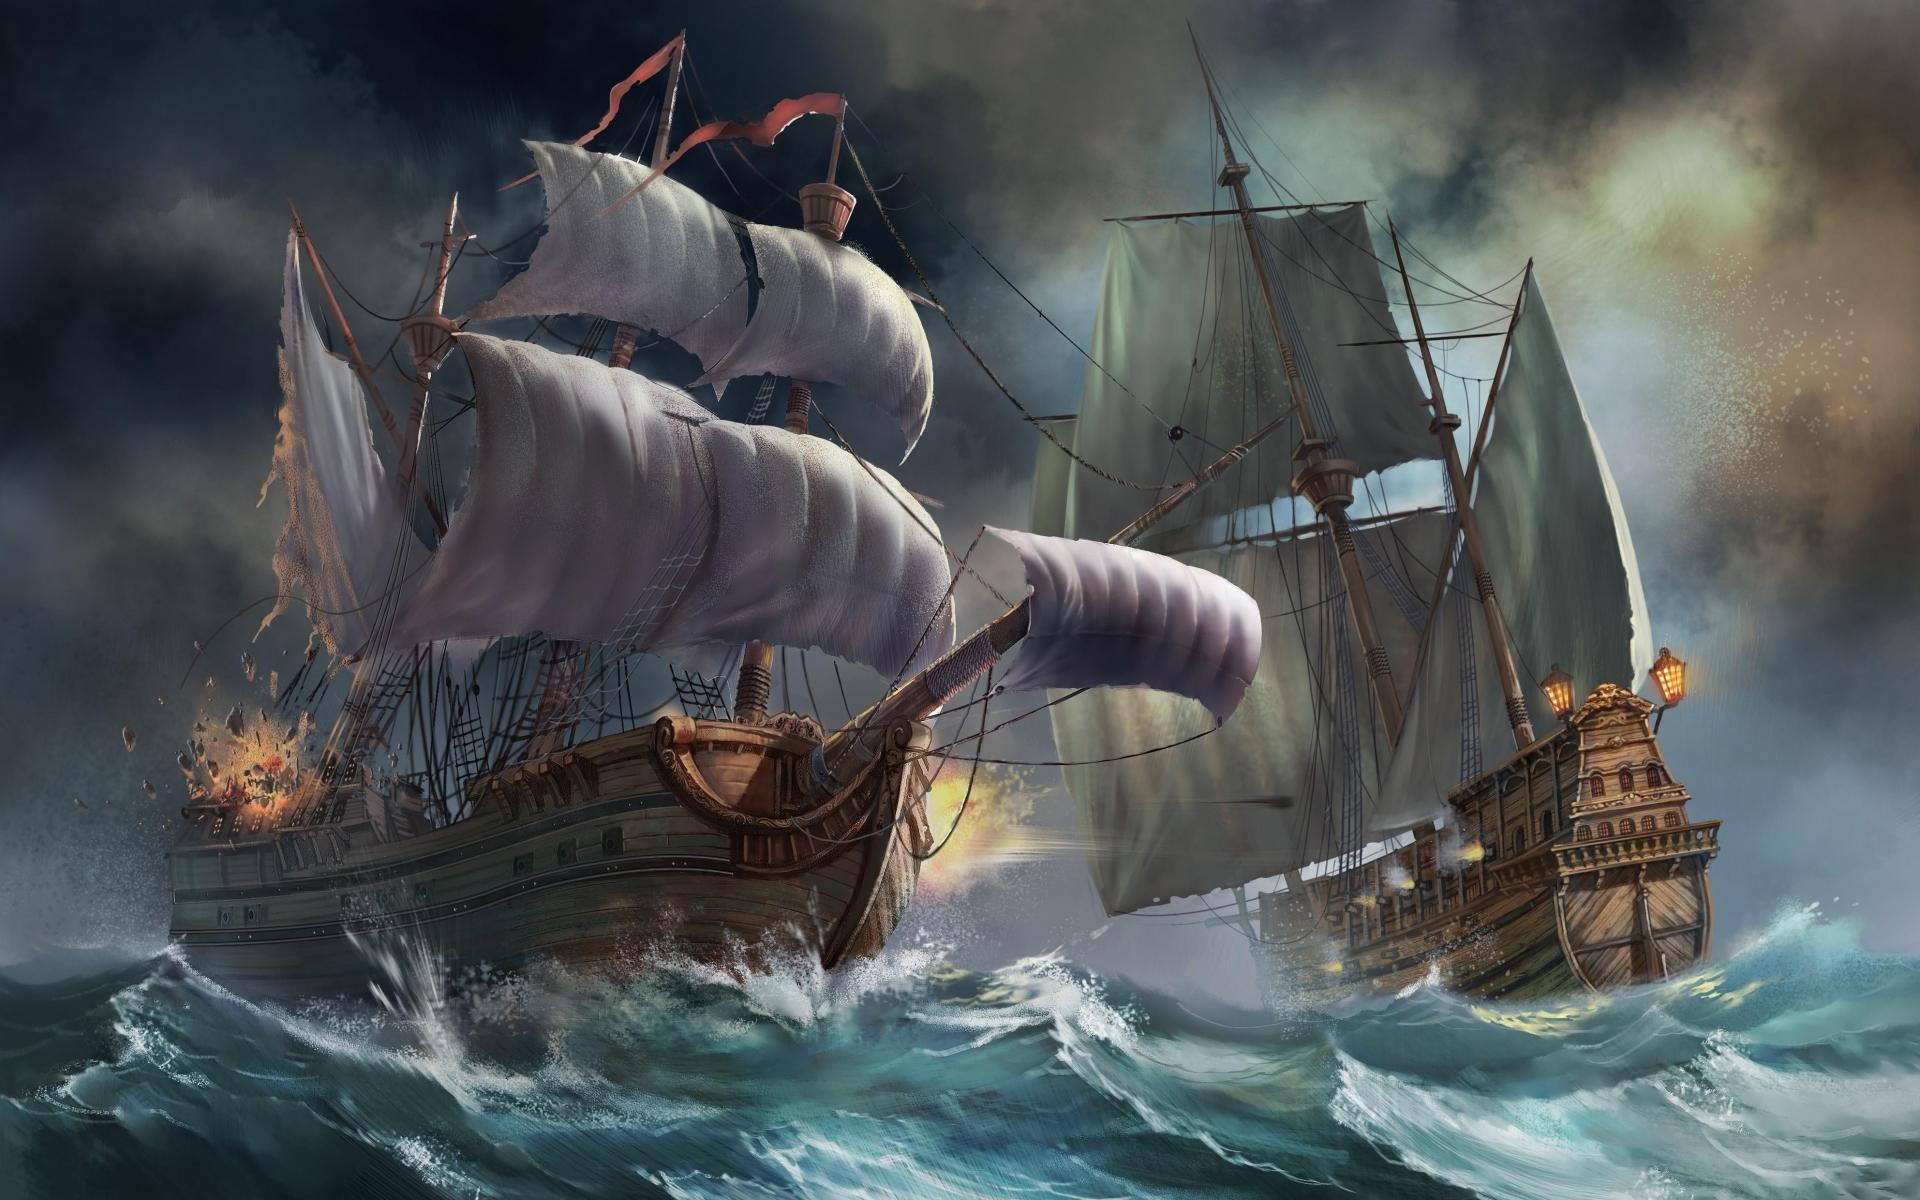 Pirate Ship Battle Wallpaper War ocean waves wallpaper 1920x1200